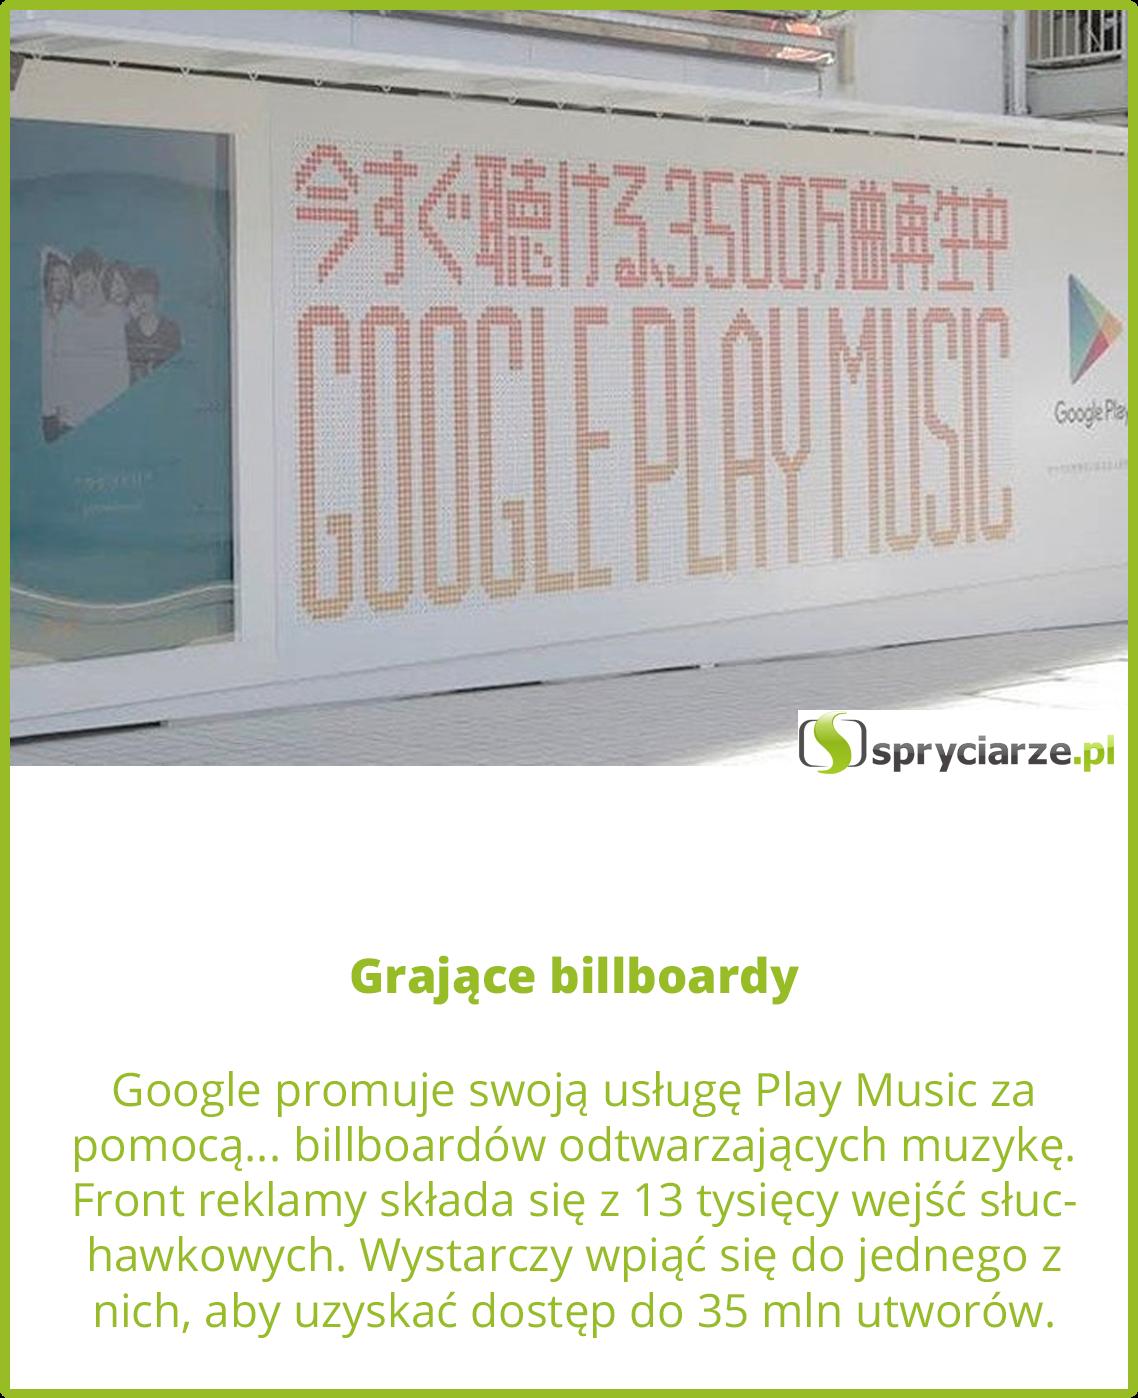 Grające billboardy